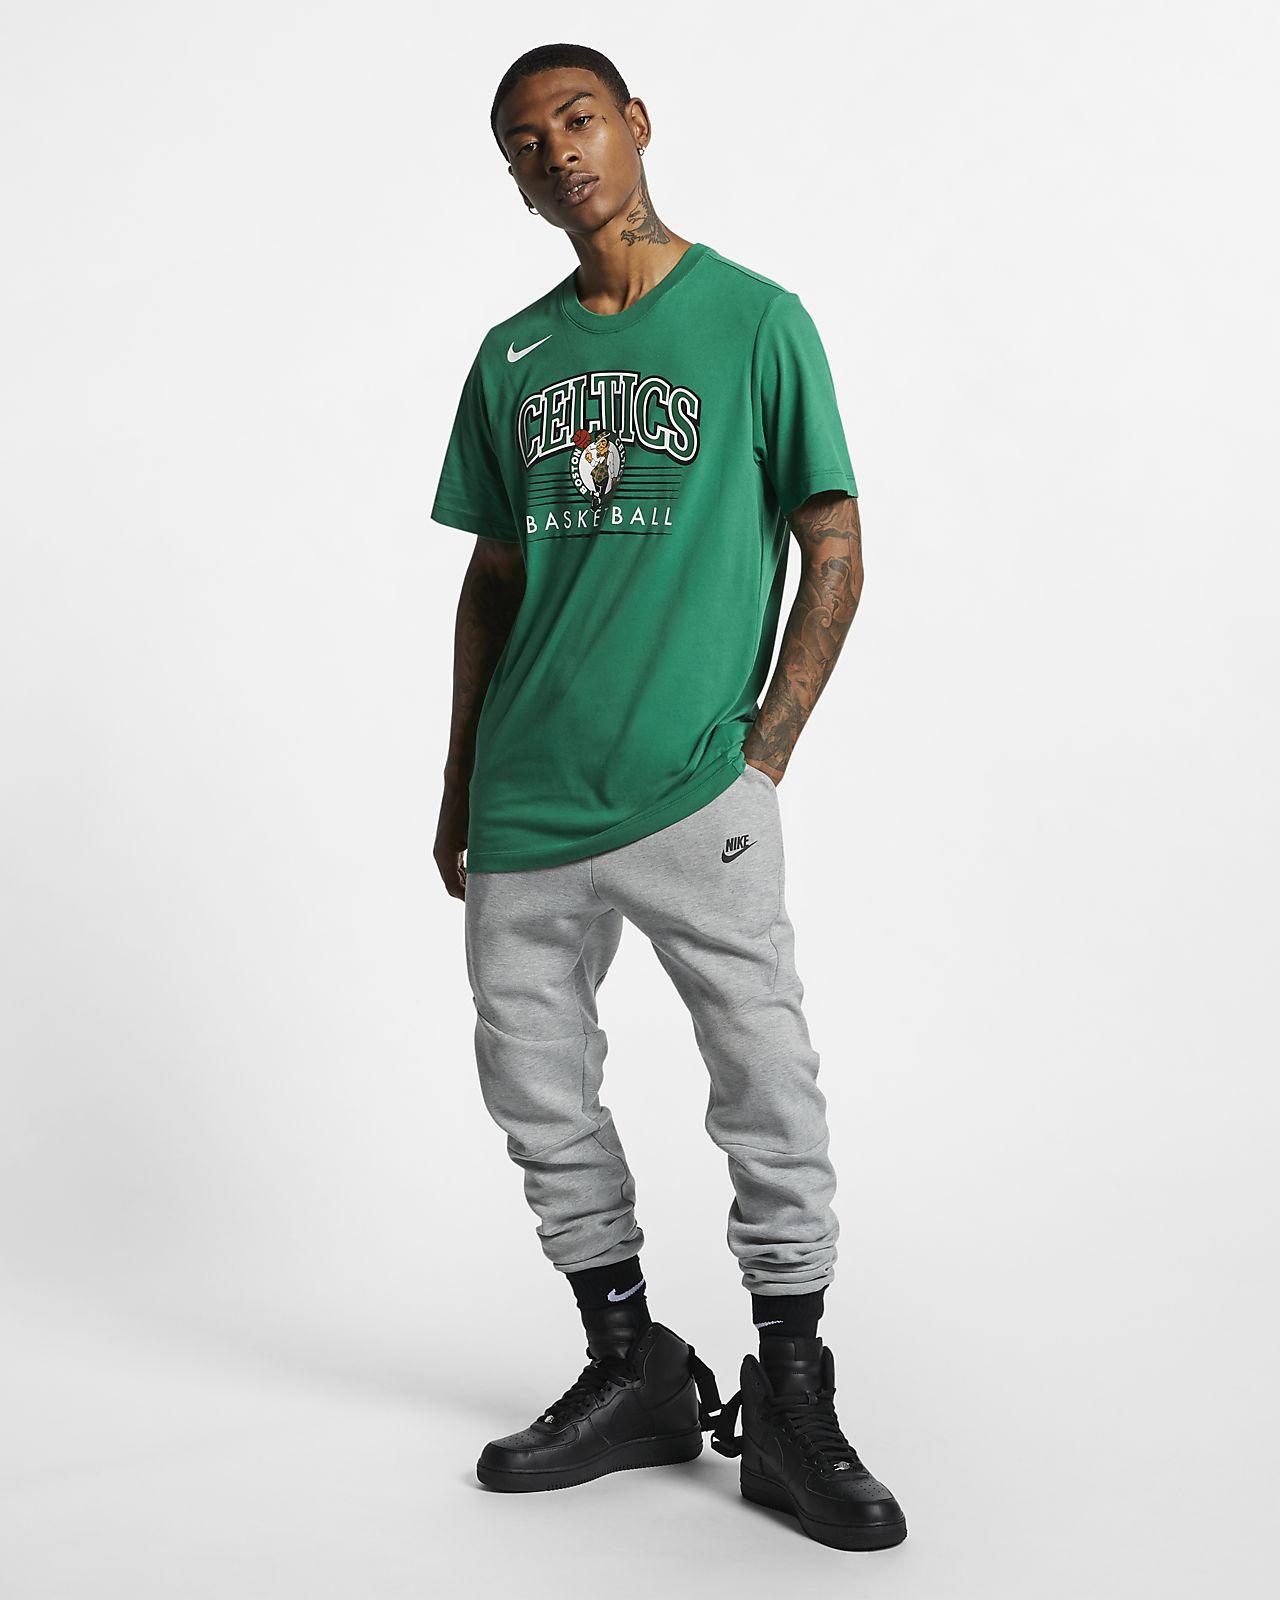 a72ce54134af Boston Celtics Nike Dri-FIT Men s NBA T-Shirt. Nike.com